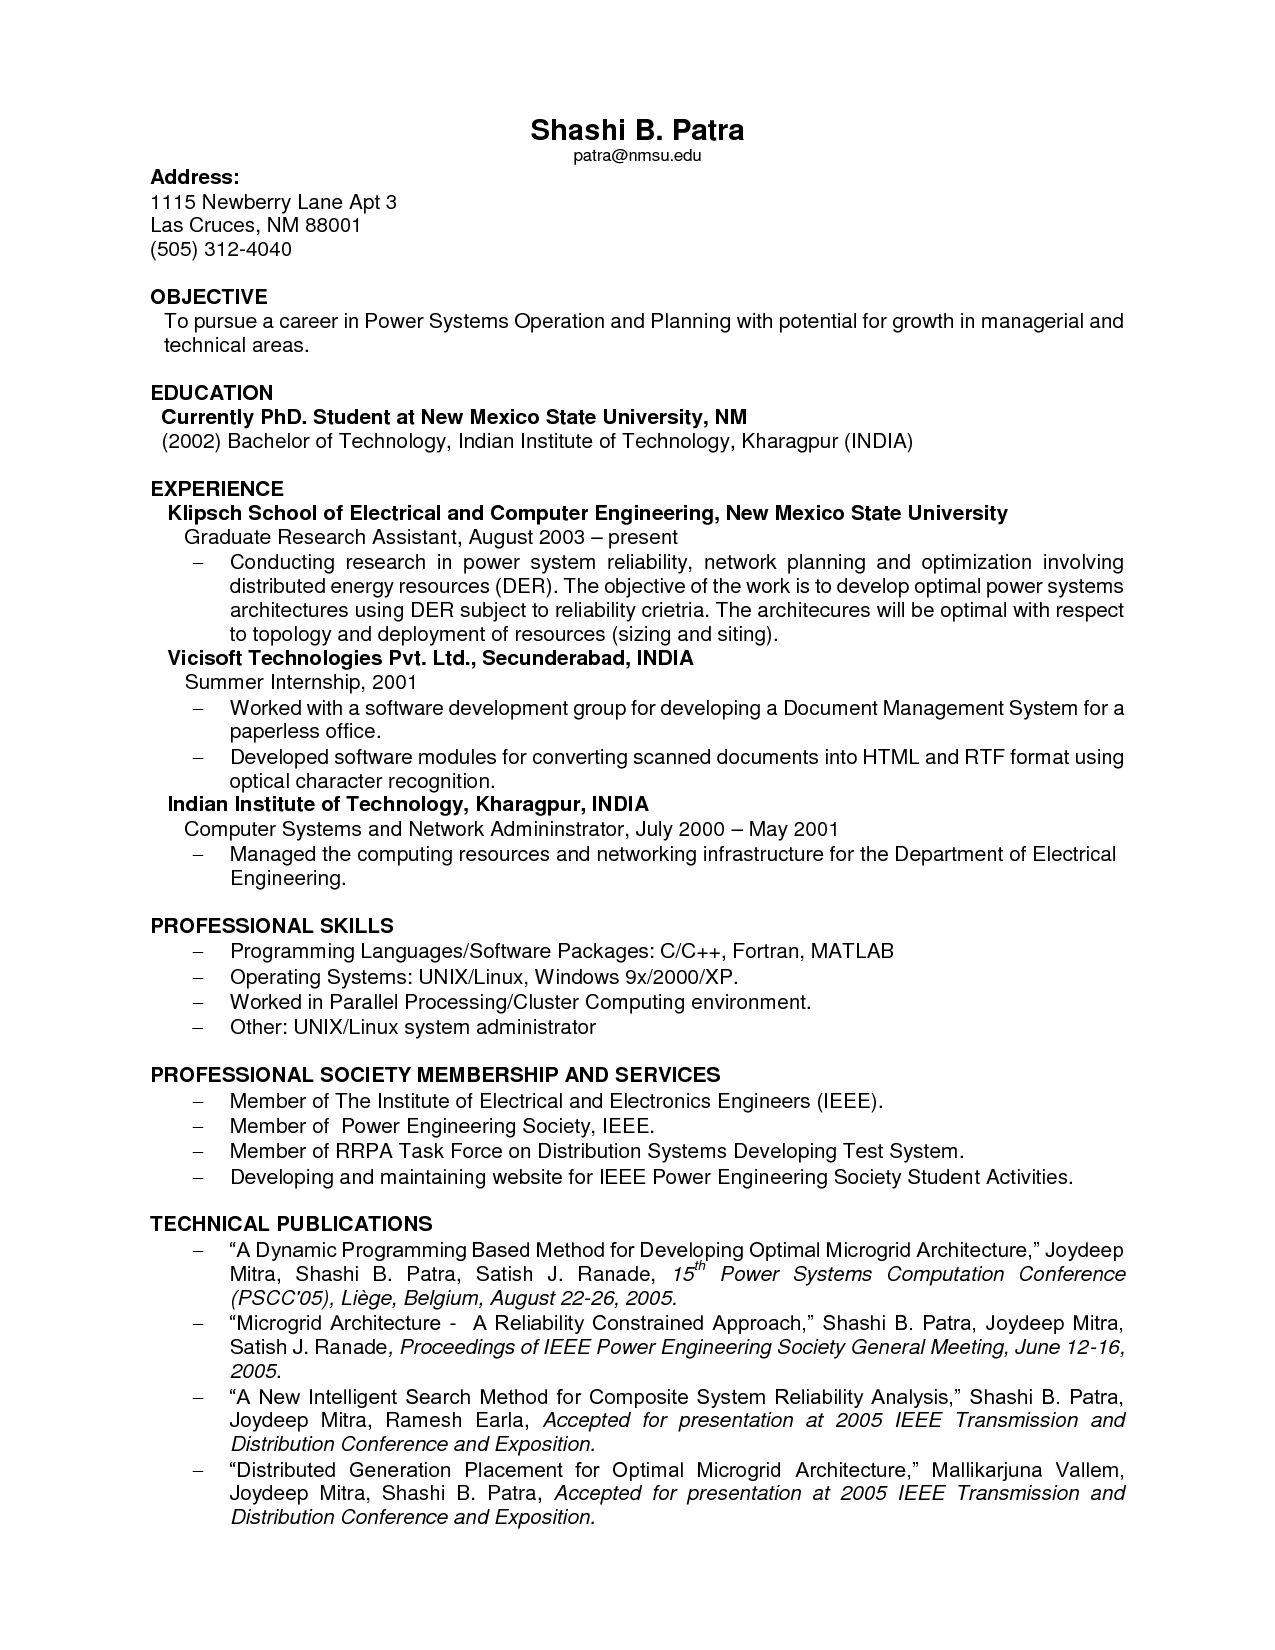 Job Experience | Pinterest